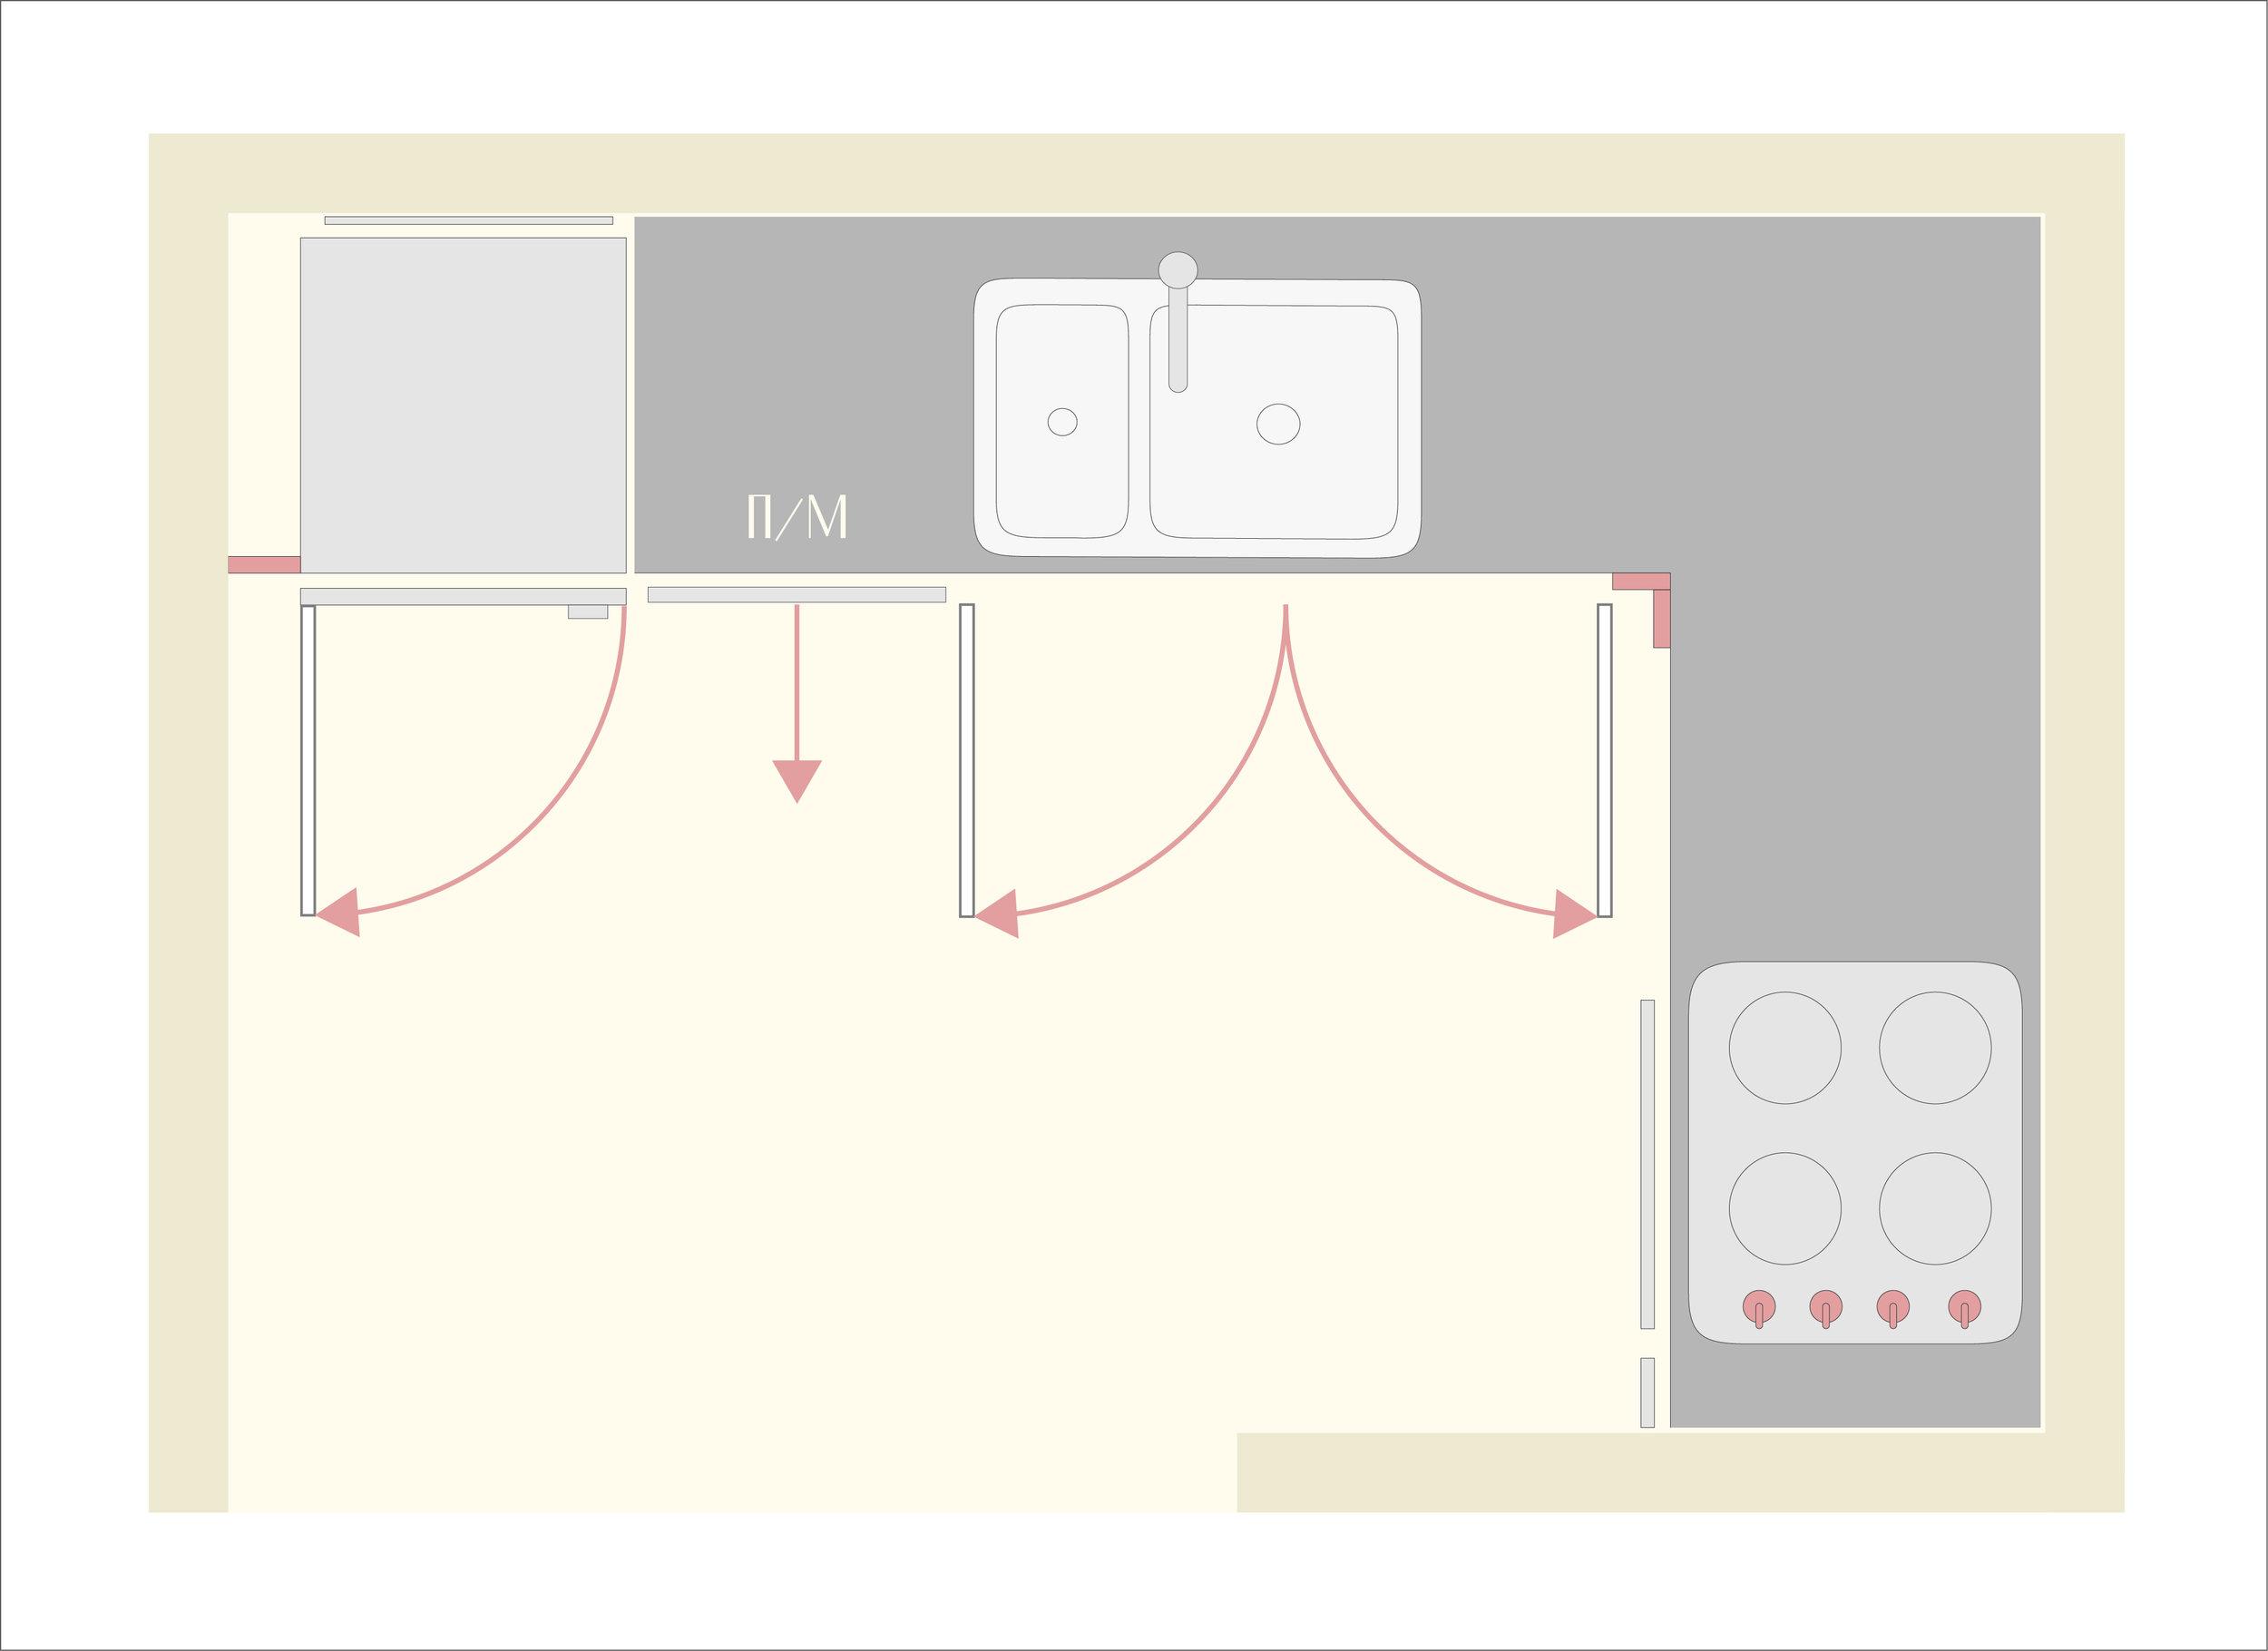 Направление открывания дверей шкафов на кухне. Красным цветом обозначены функциональные фасадные вставки: между холодильником и стеной, в углу смыкания кухонных шкафов.